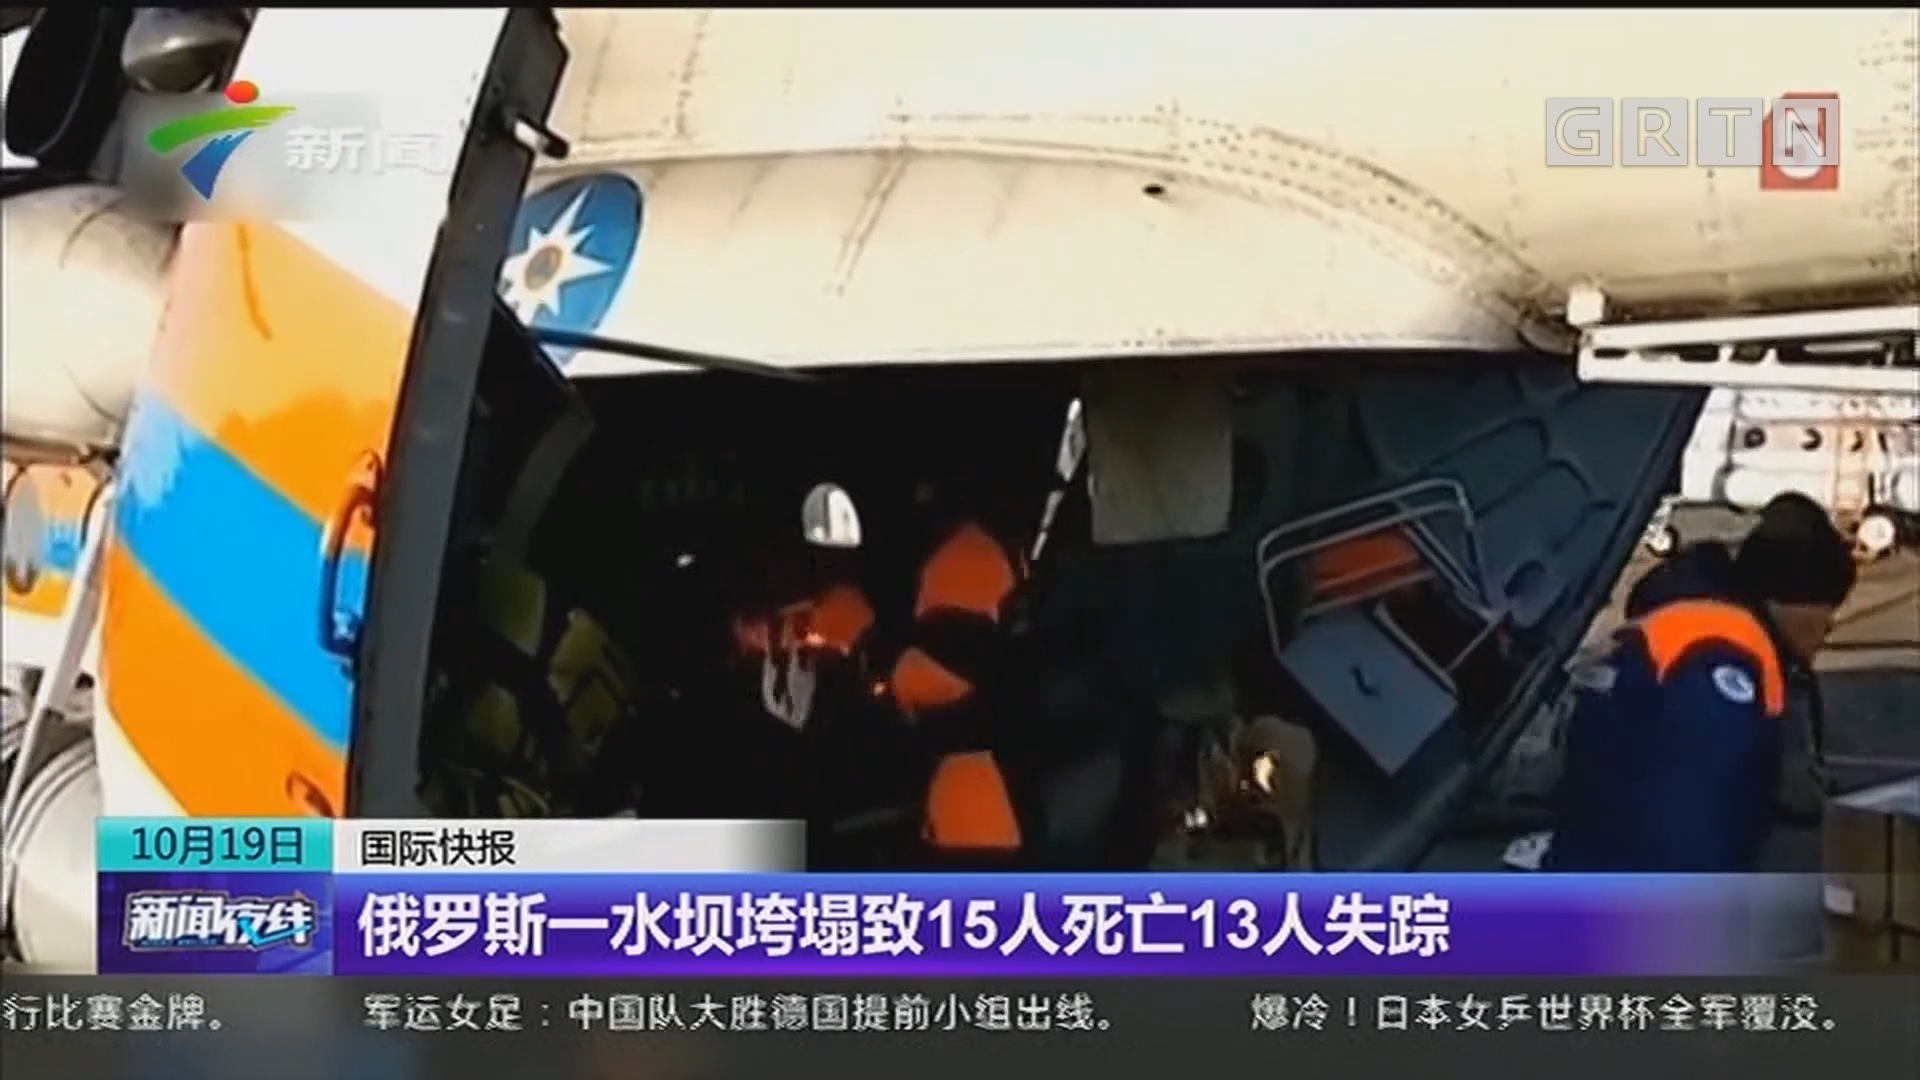 俄罗斯一水坝垮塌致15人死亡13人失踪